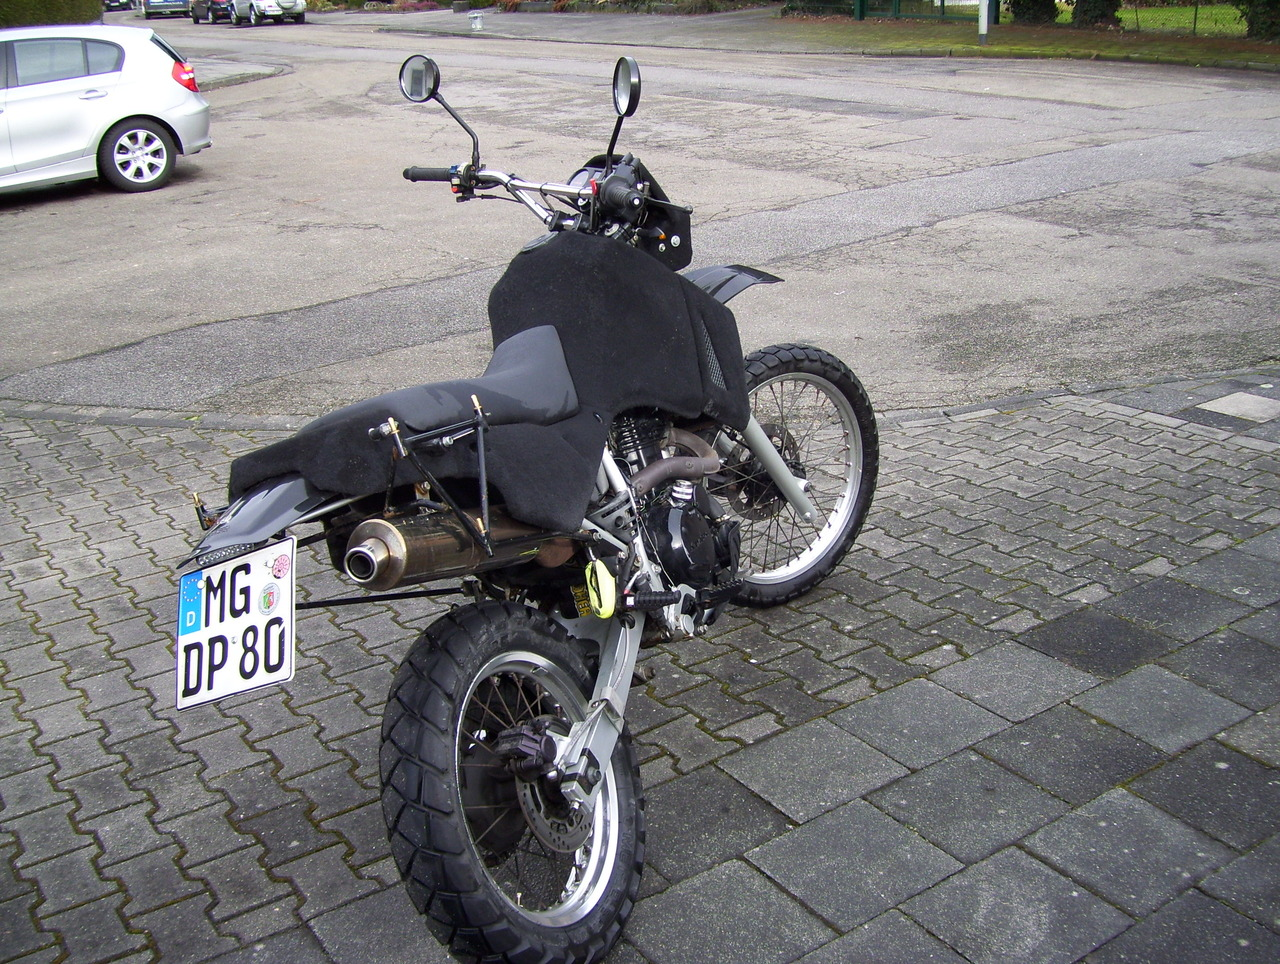 Suzuki TS 80 X Gs 500 E KLR 650 Bj 89 Kawa ZZR 600 Zundapp Cs 50 Sport